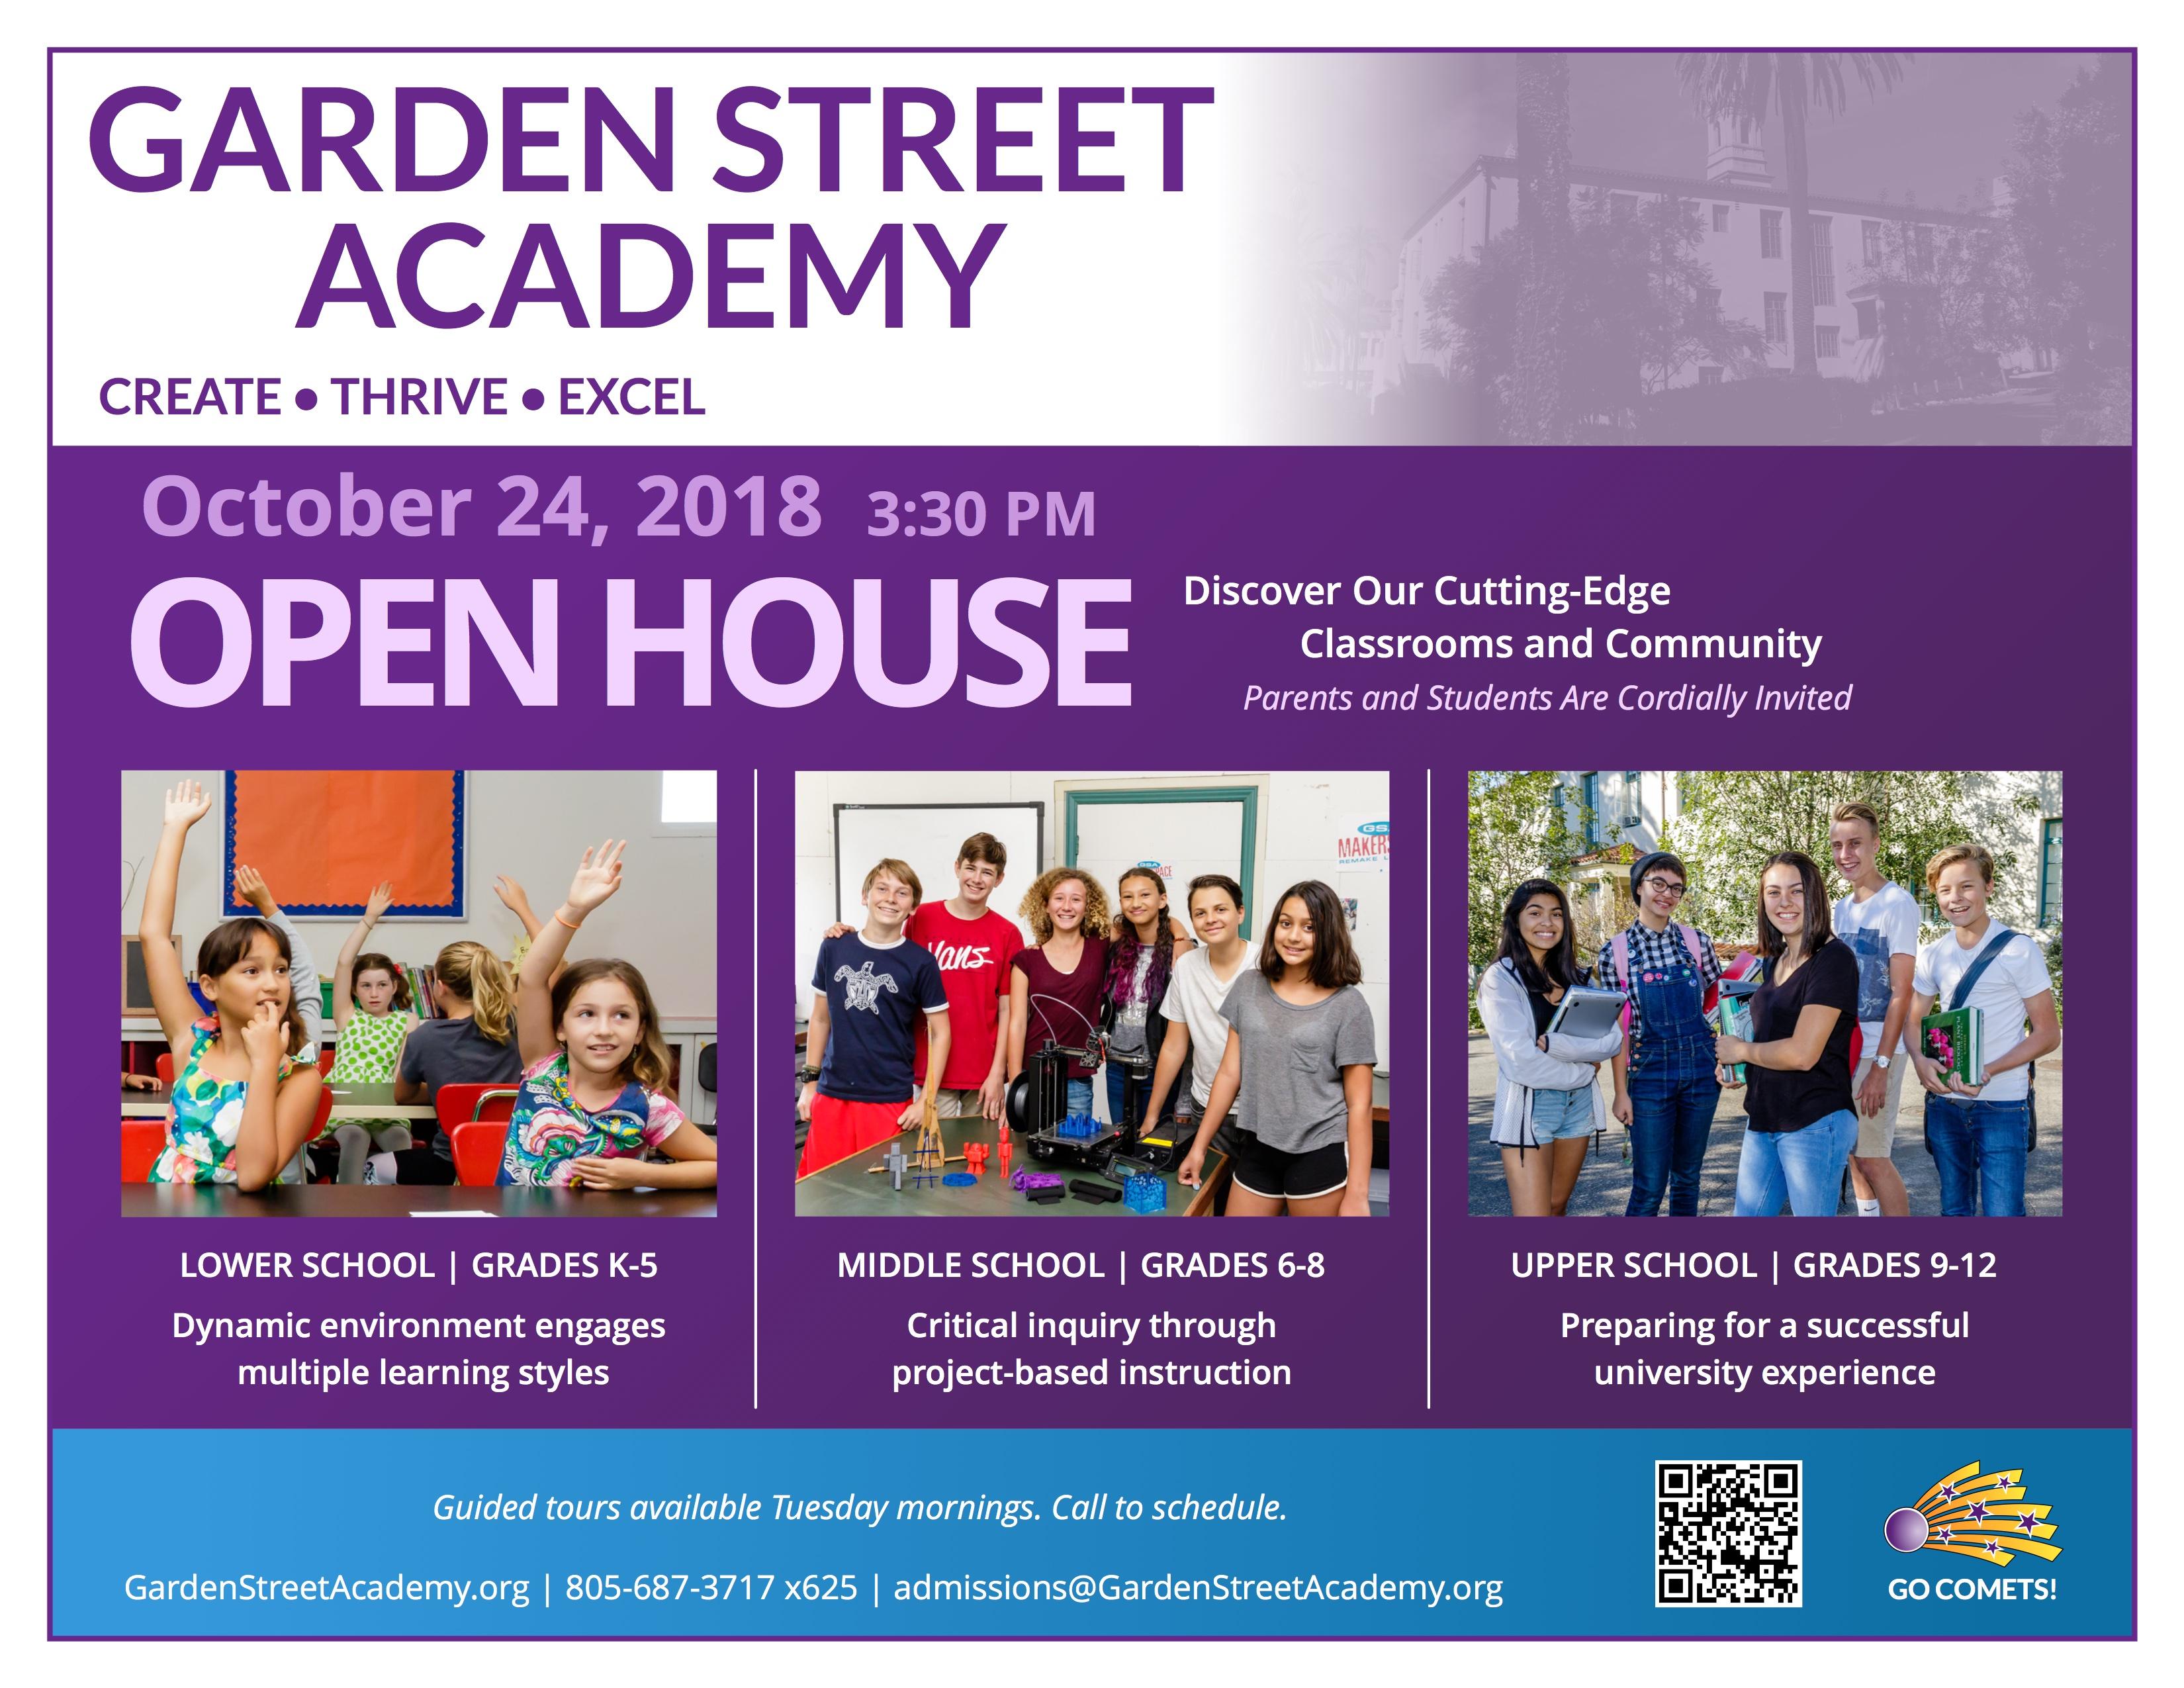 Garden Street Academy Open House Postcard 2018 19 Garden